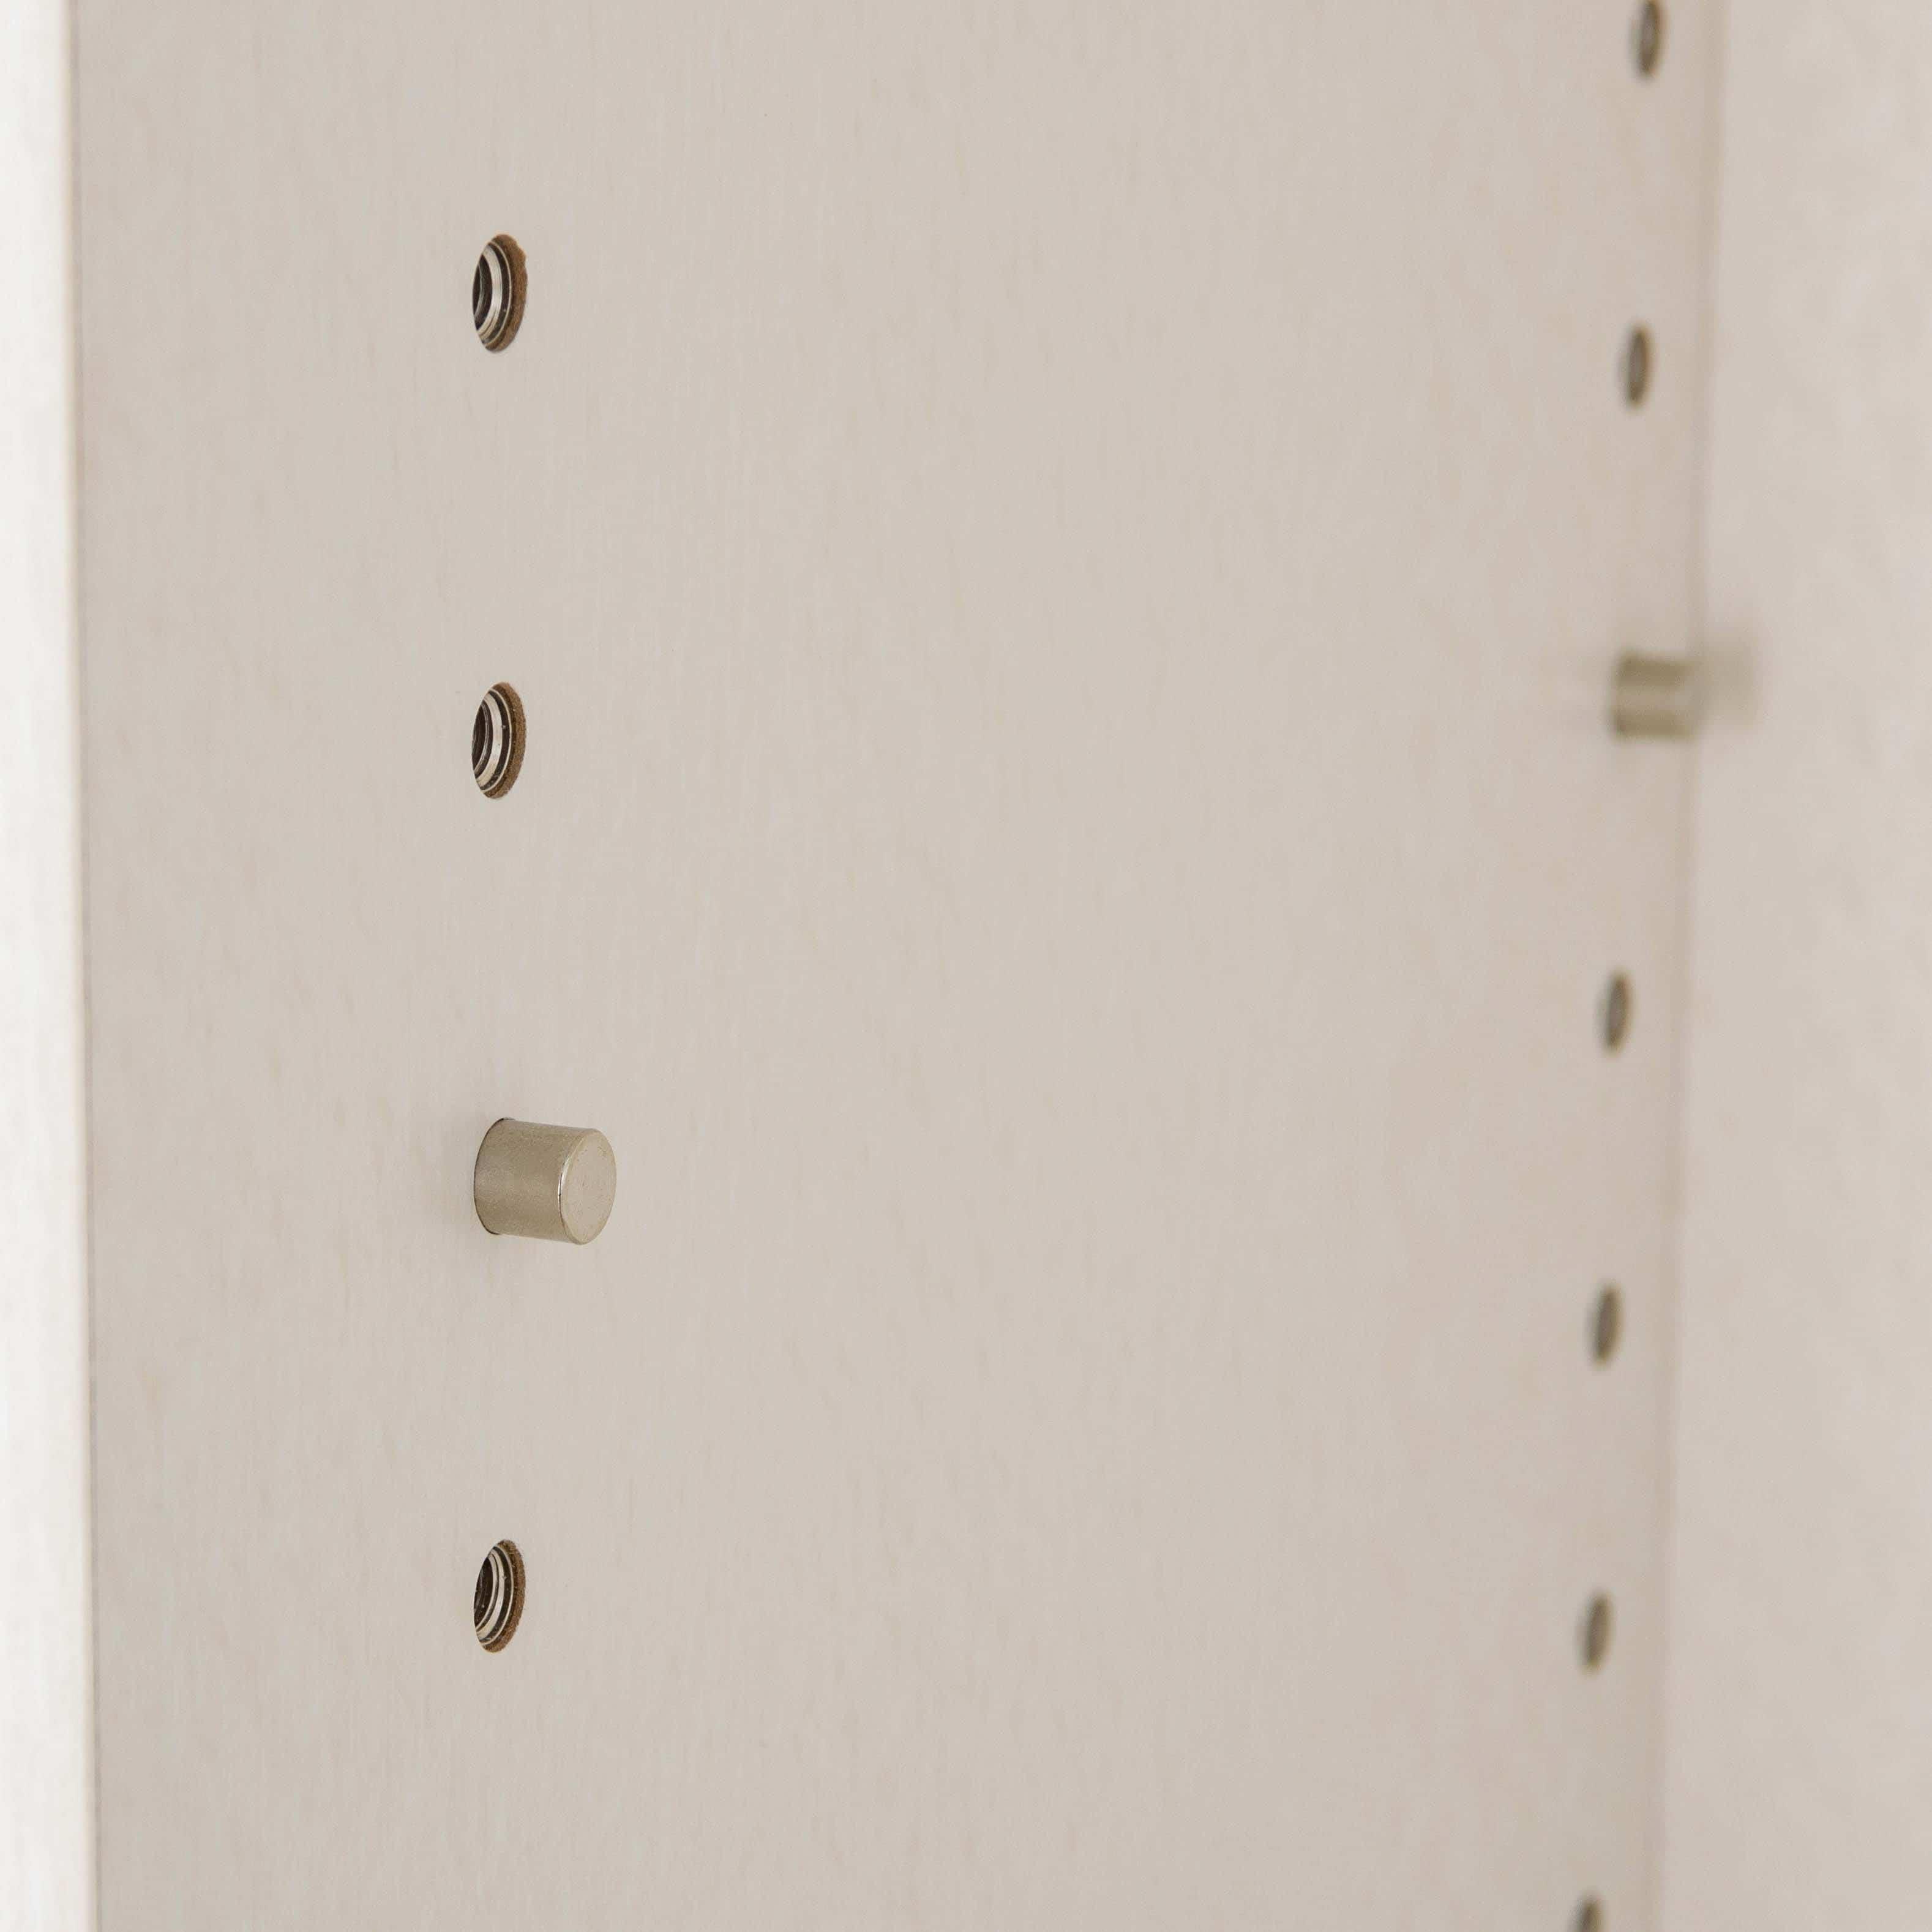 小島工芸 上置 アコード90A(ホワイト):キレイに収まる魅せる収納